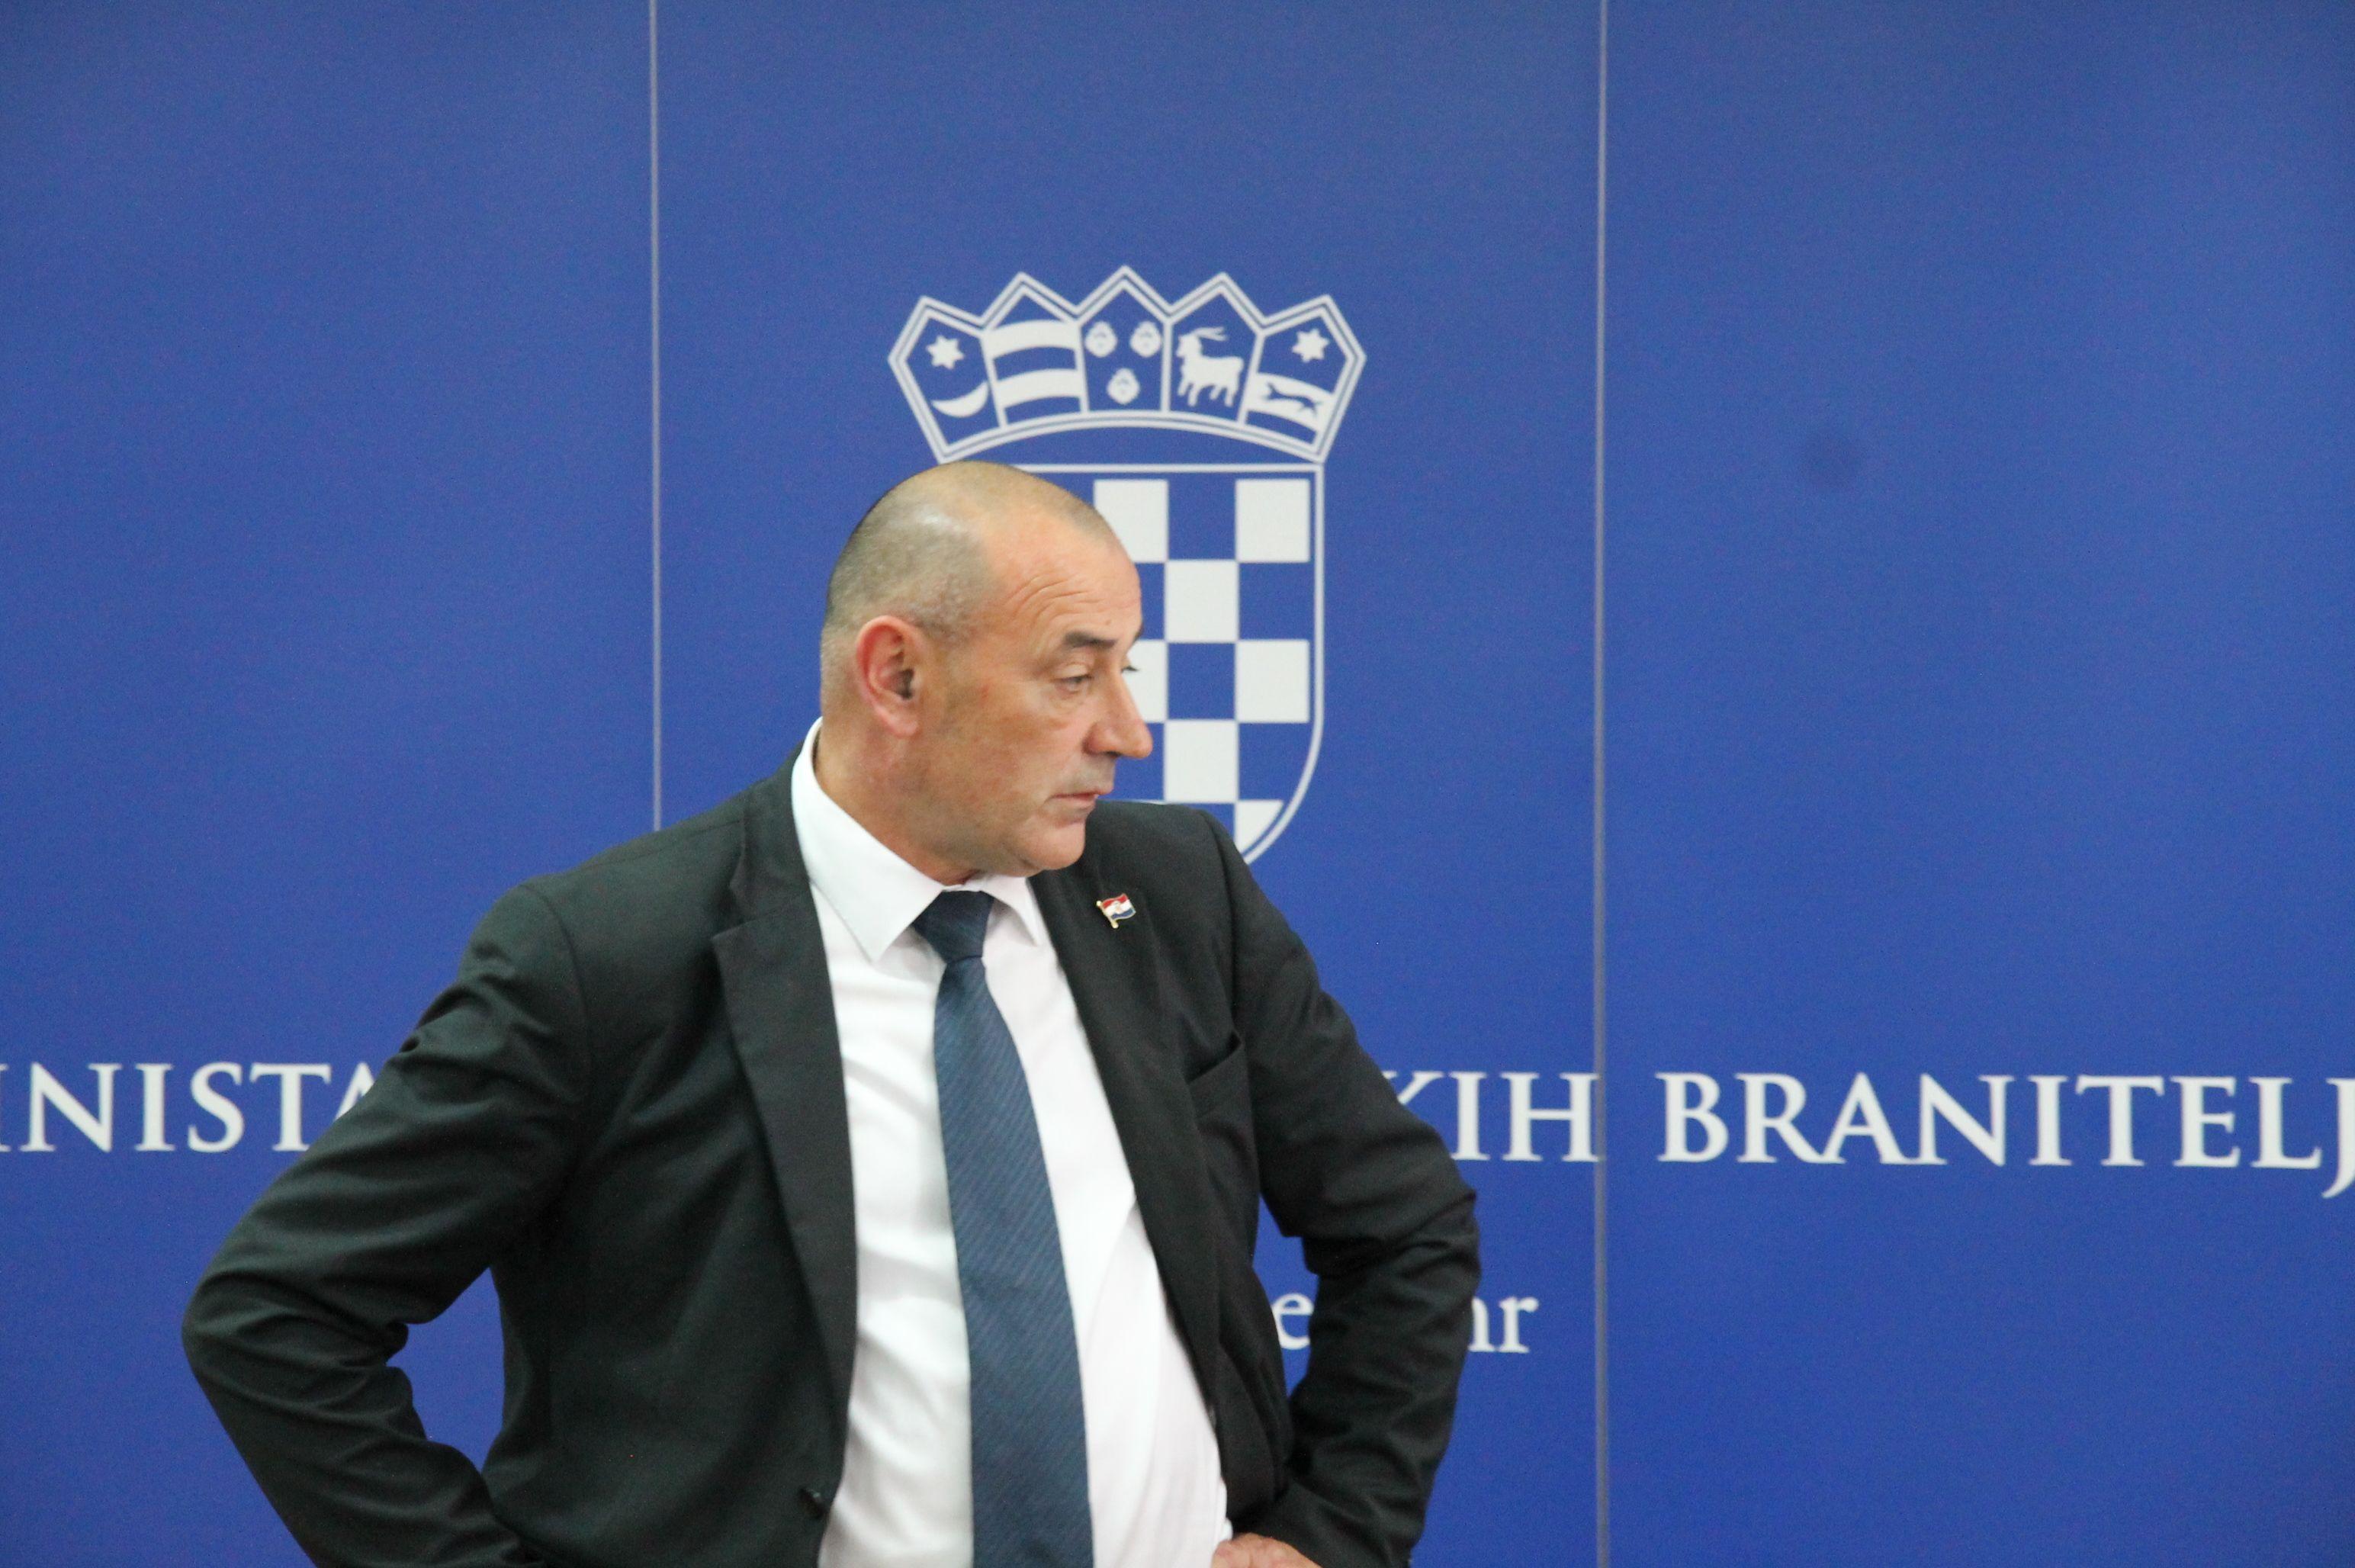 Medved: Jednoglasno odlučeno da će Ljiljana Alvir držati govor u ime branitelja u Kninu